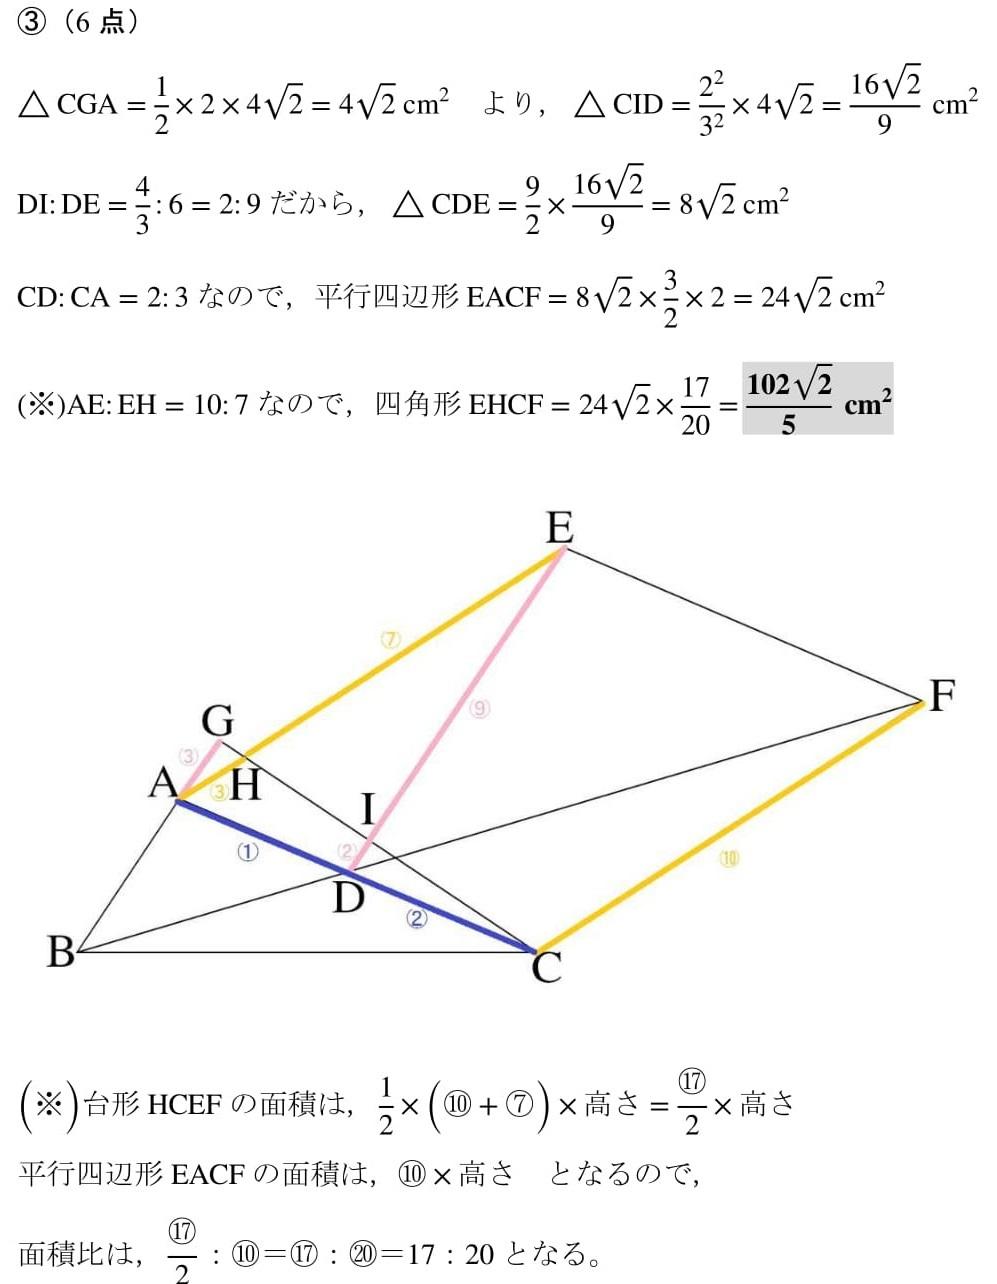 2020 高校入試 大阪府C 大問2 平面図形 解答 解説